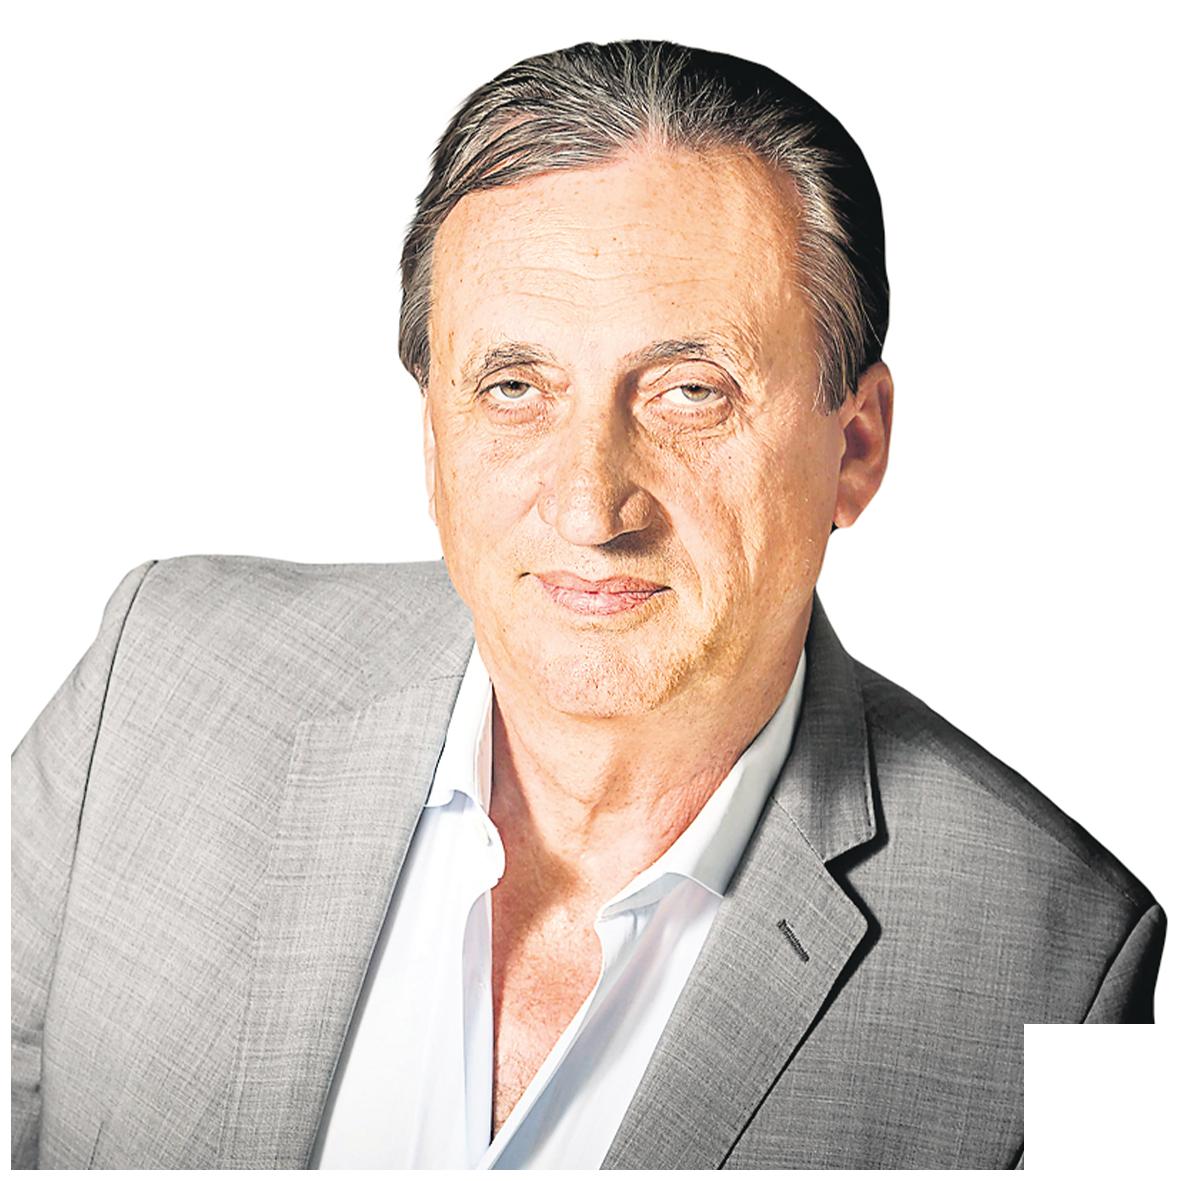 Alfred Draxler <div>BILD / Sportbild</div>